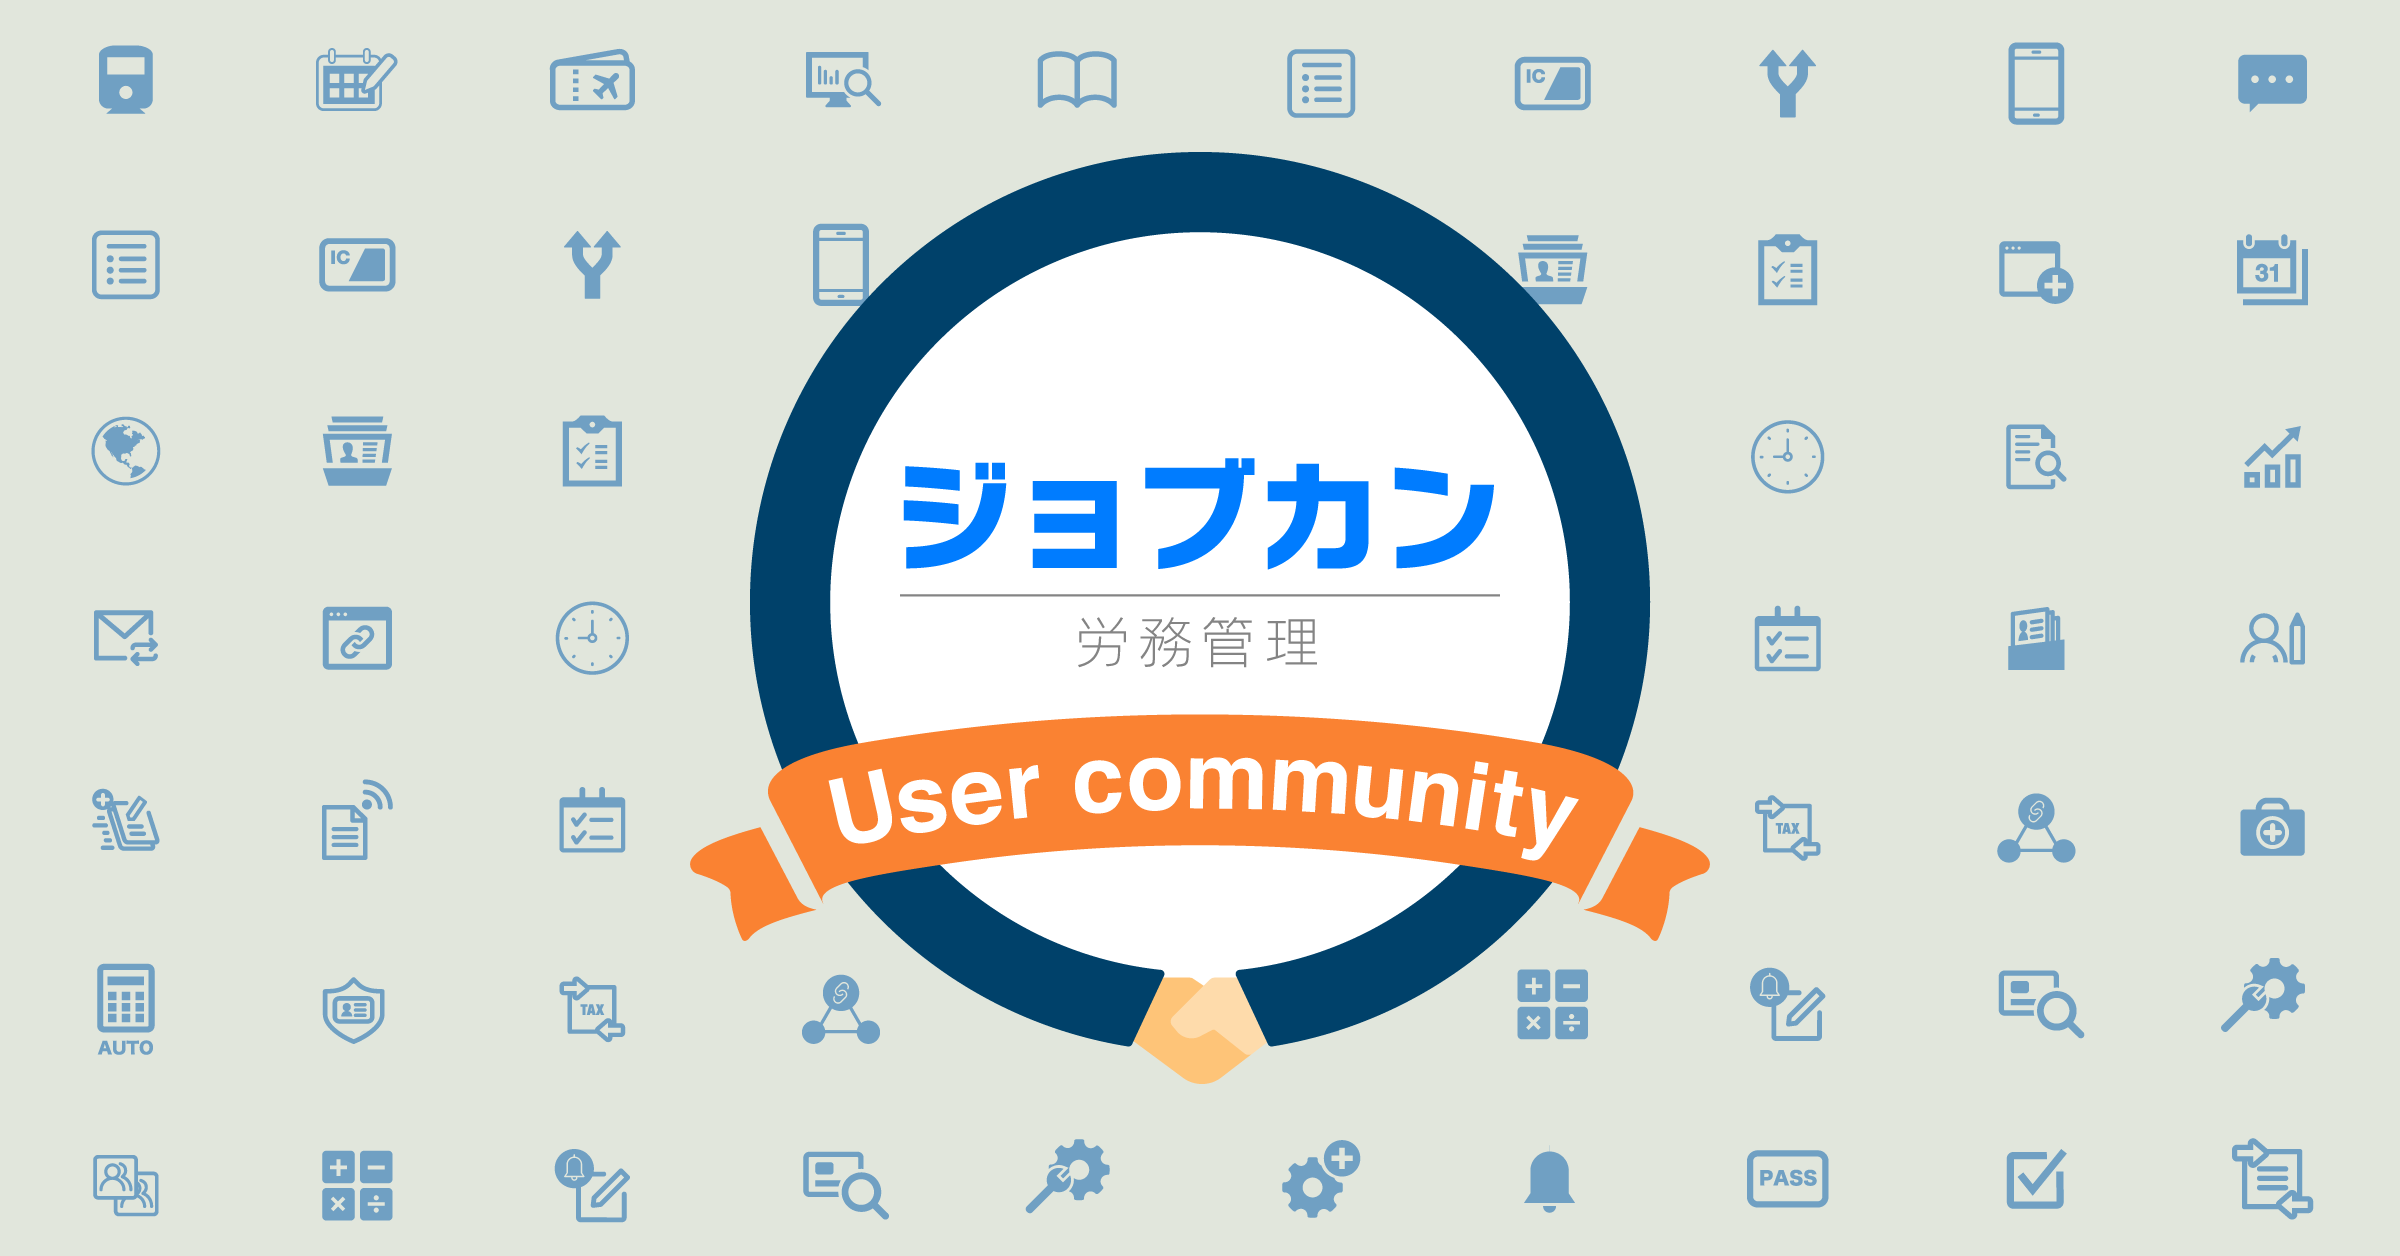 【ジョブカン労務管理】第二回ユーザー会を開催いたします!